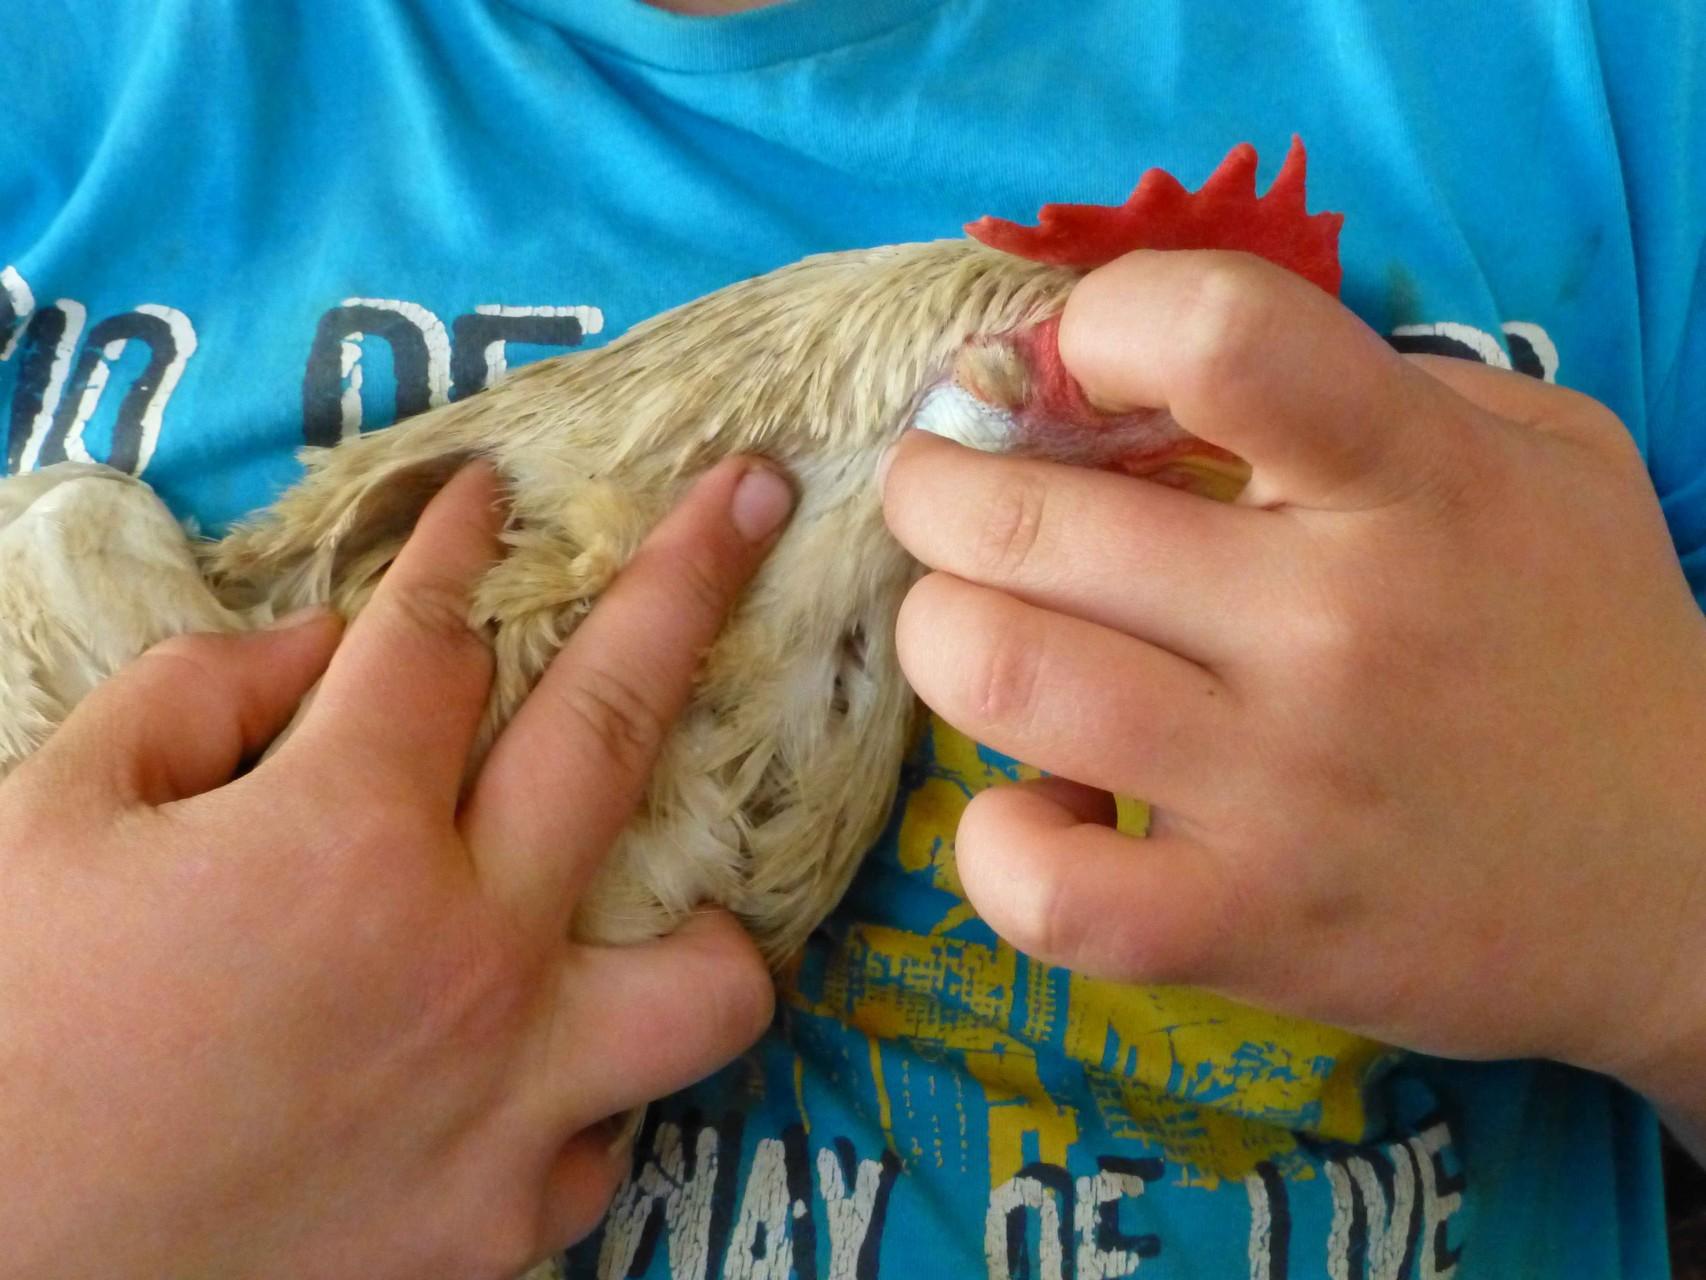 Welche Farbe haben die Eier von diesem Huhn?  Jetzt wissen wir's.  Weiß.